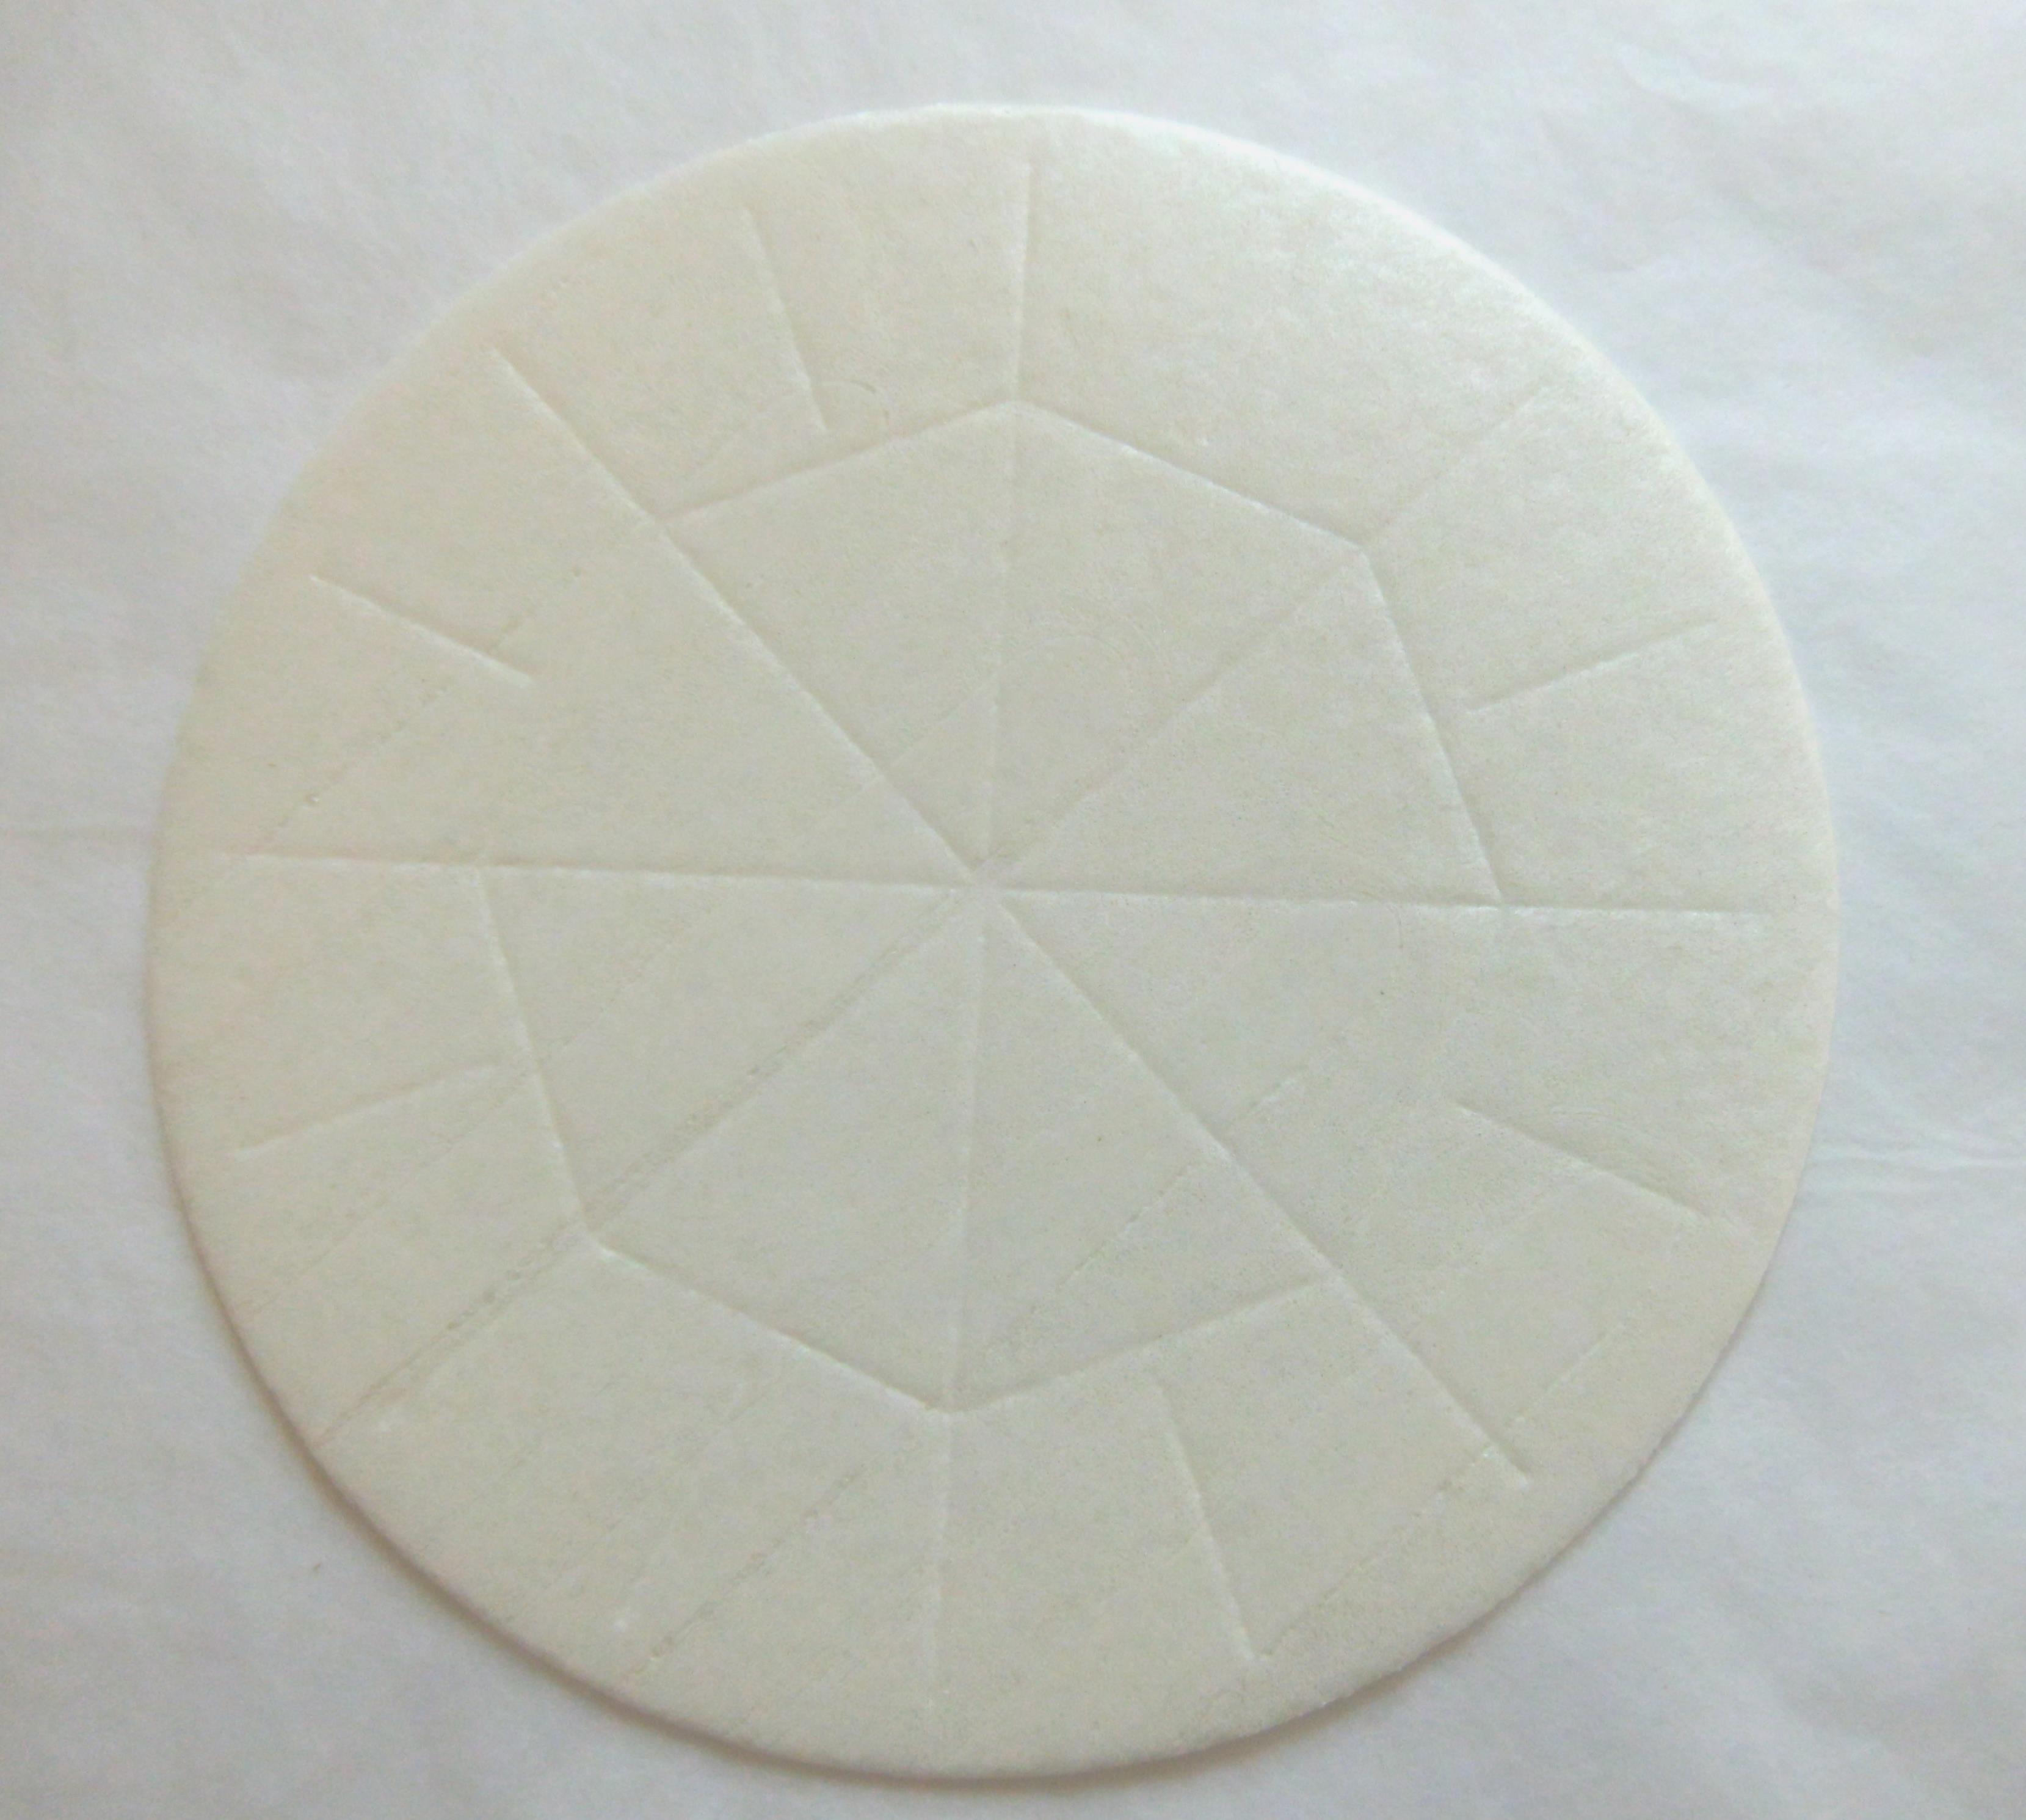 White concelebration bread